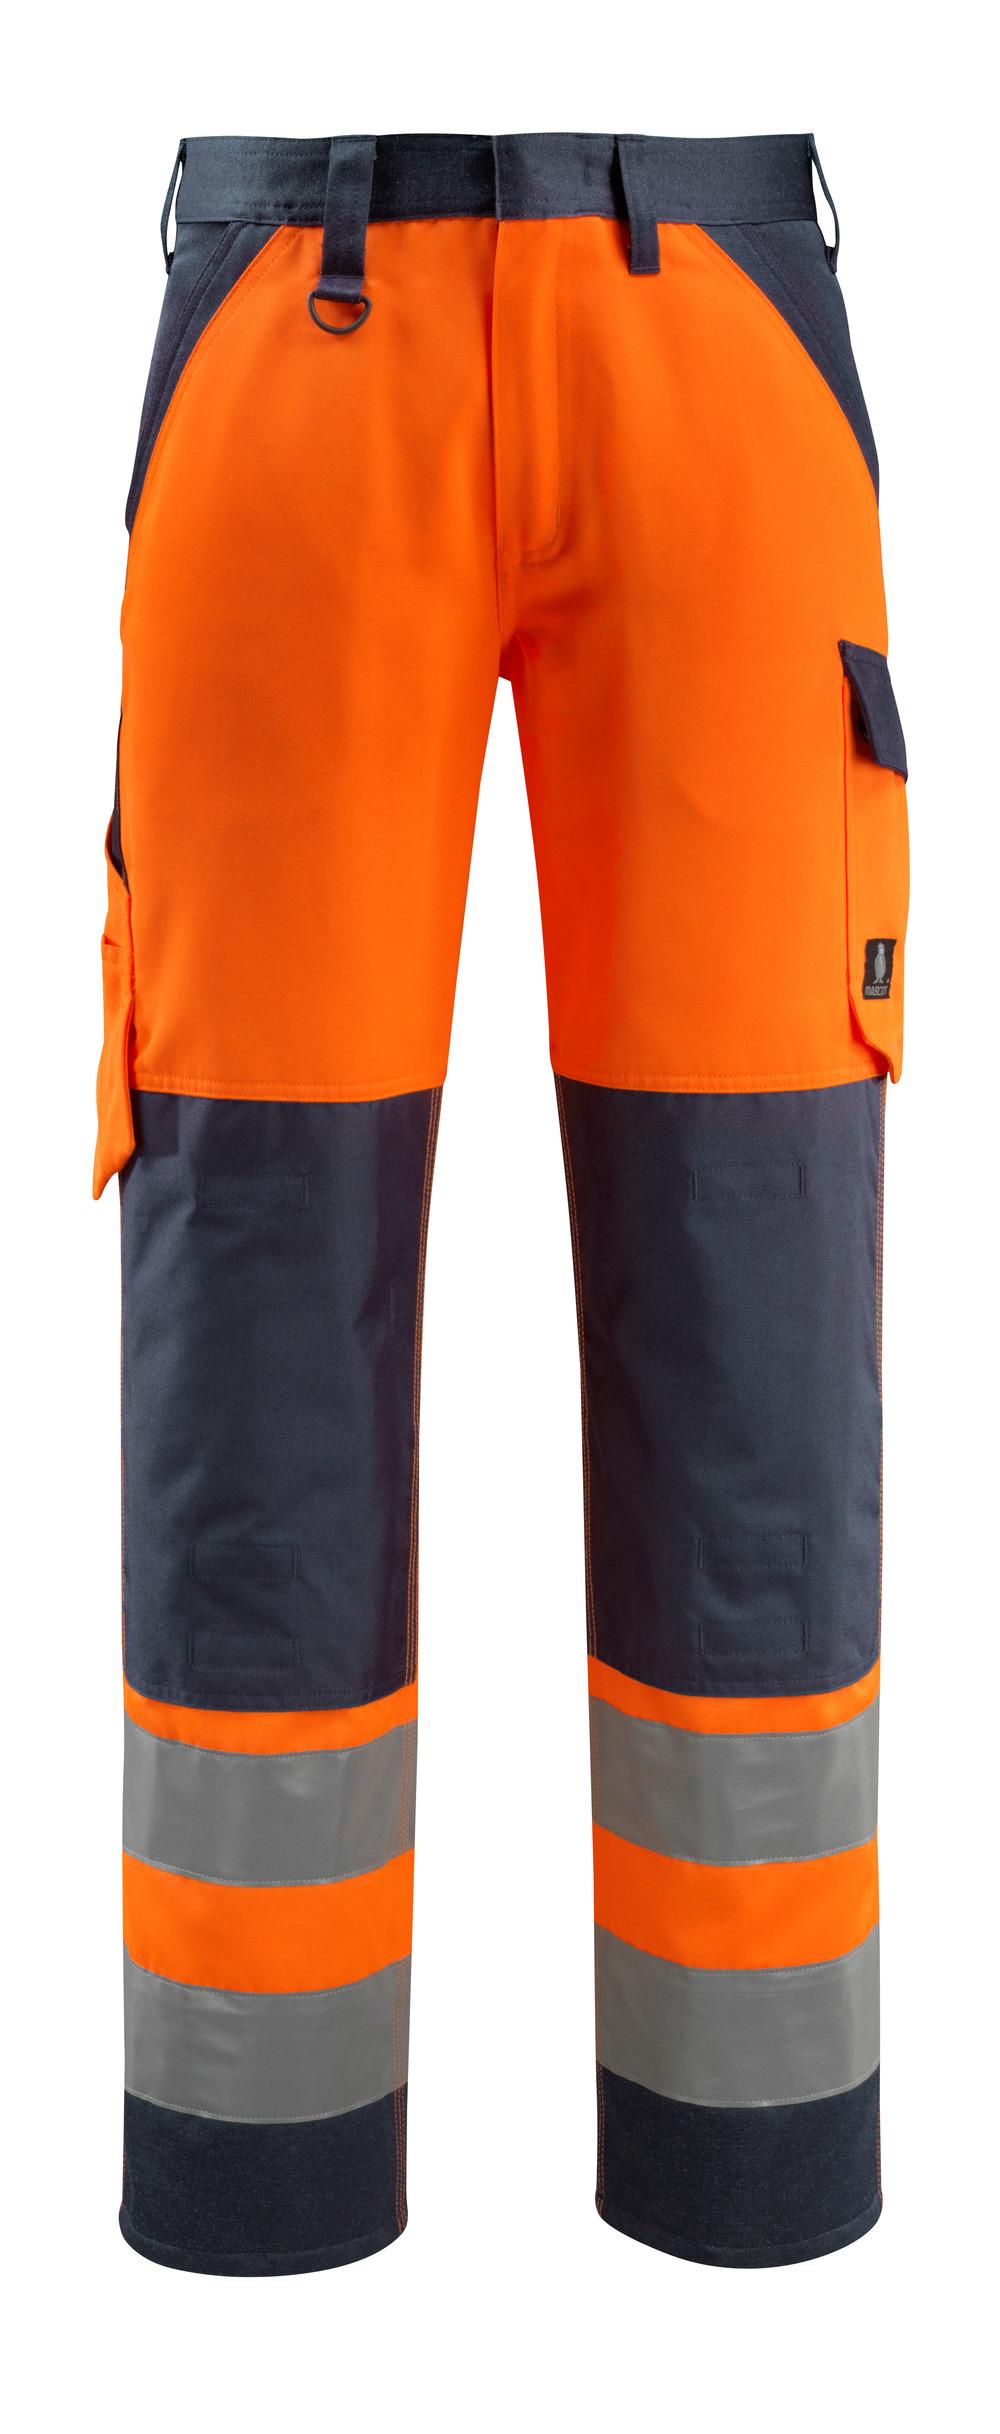 15979-948-14010 Broek met kniezakken - hi-vis oranje/donkermarine